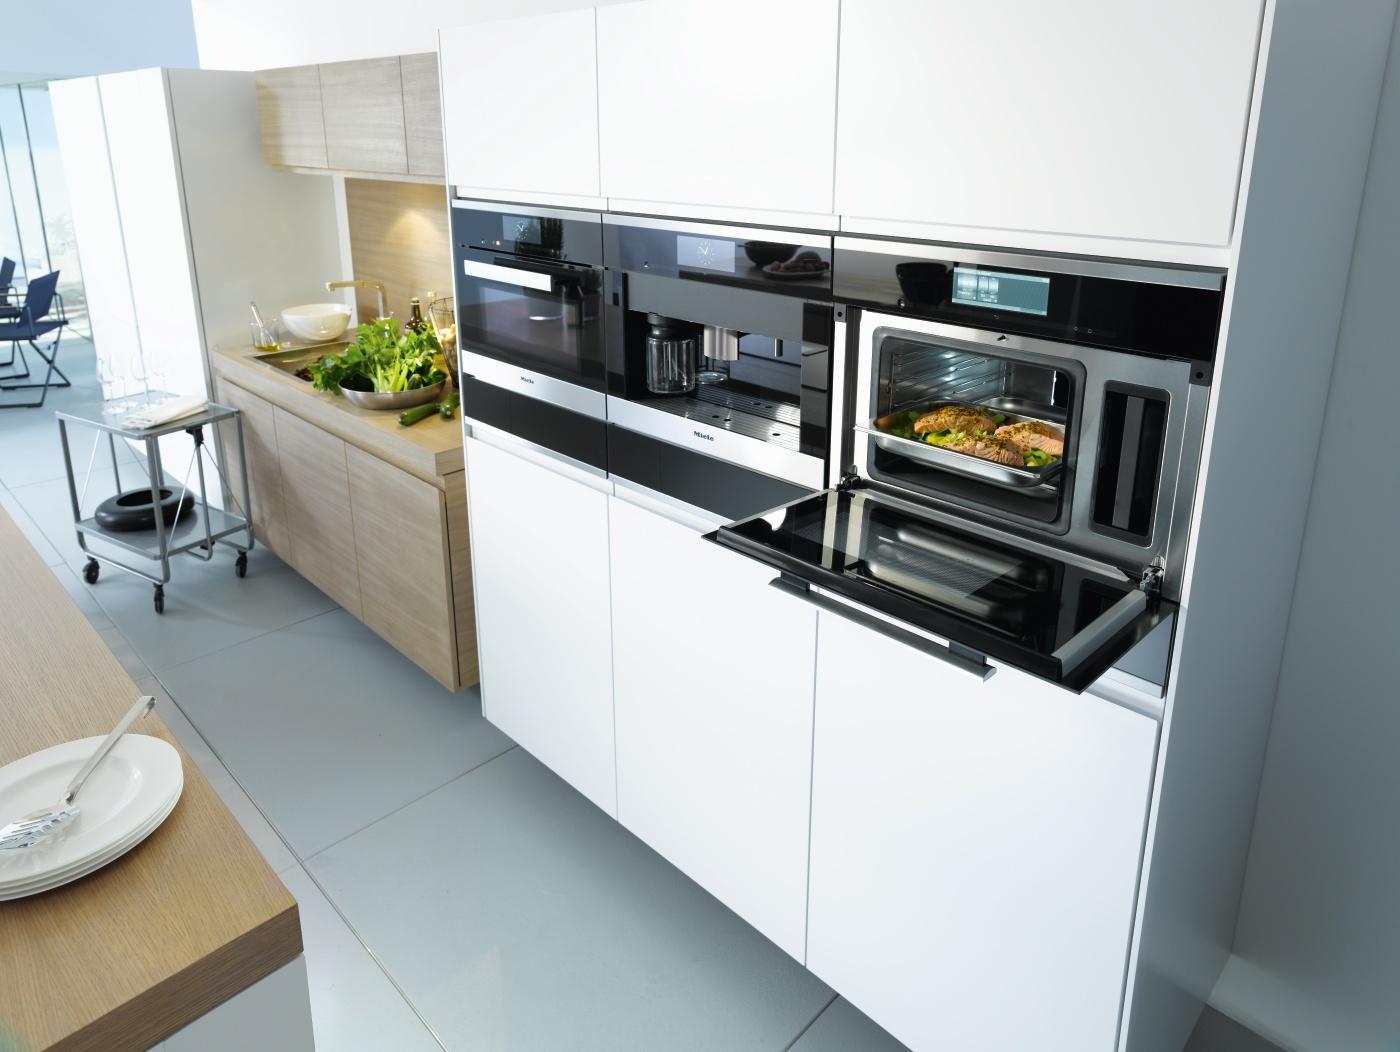 Встроенная бытовая техника для кухни фото